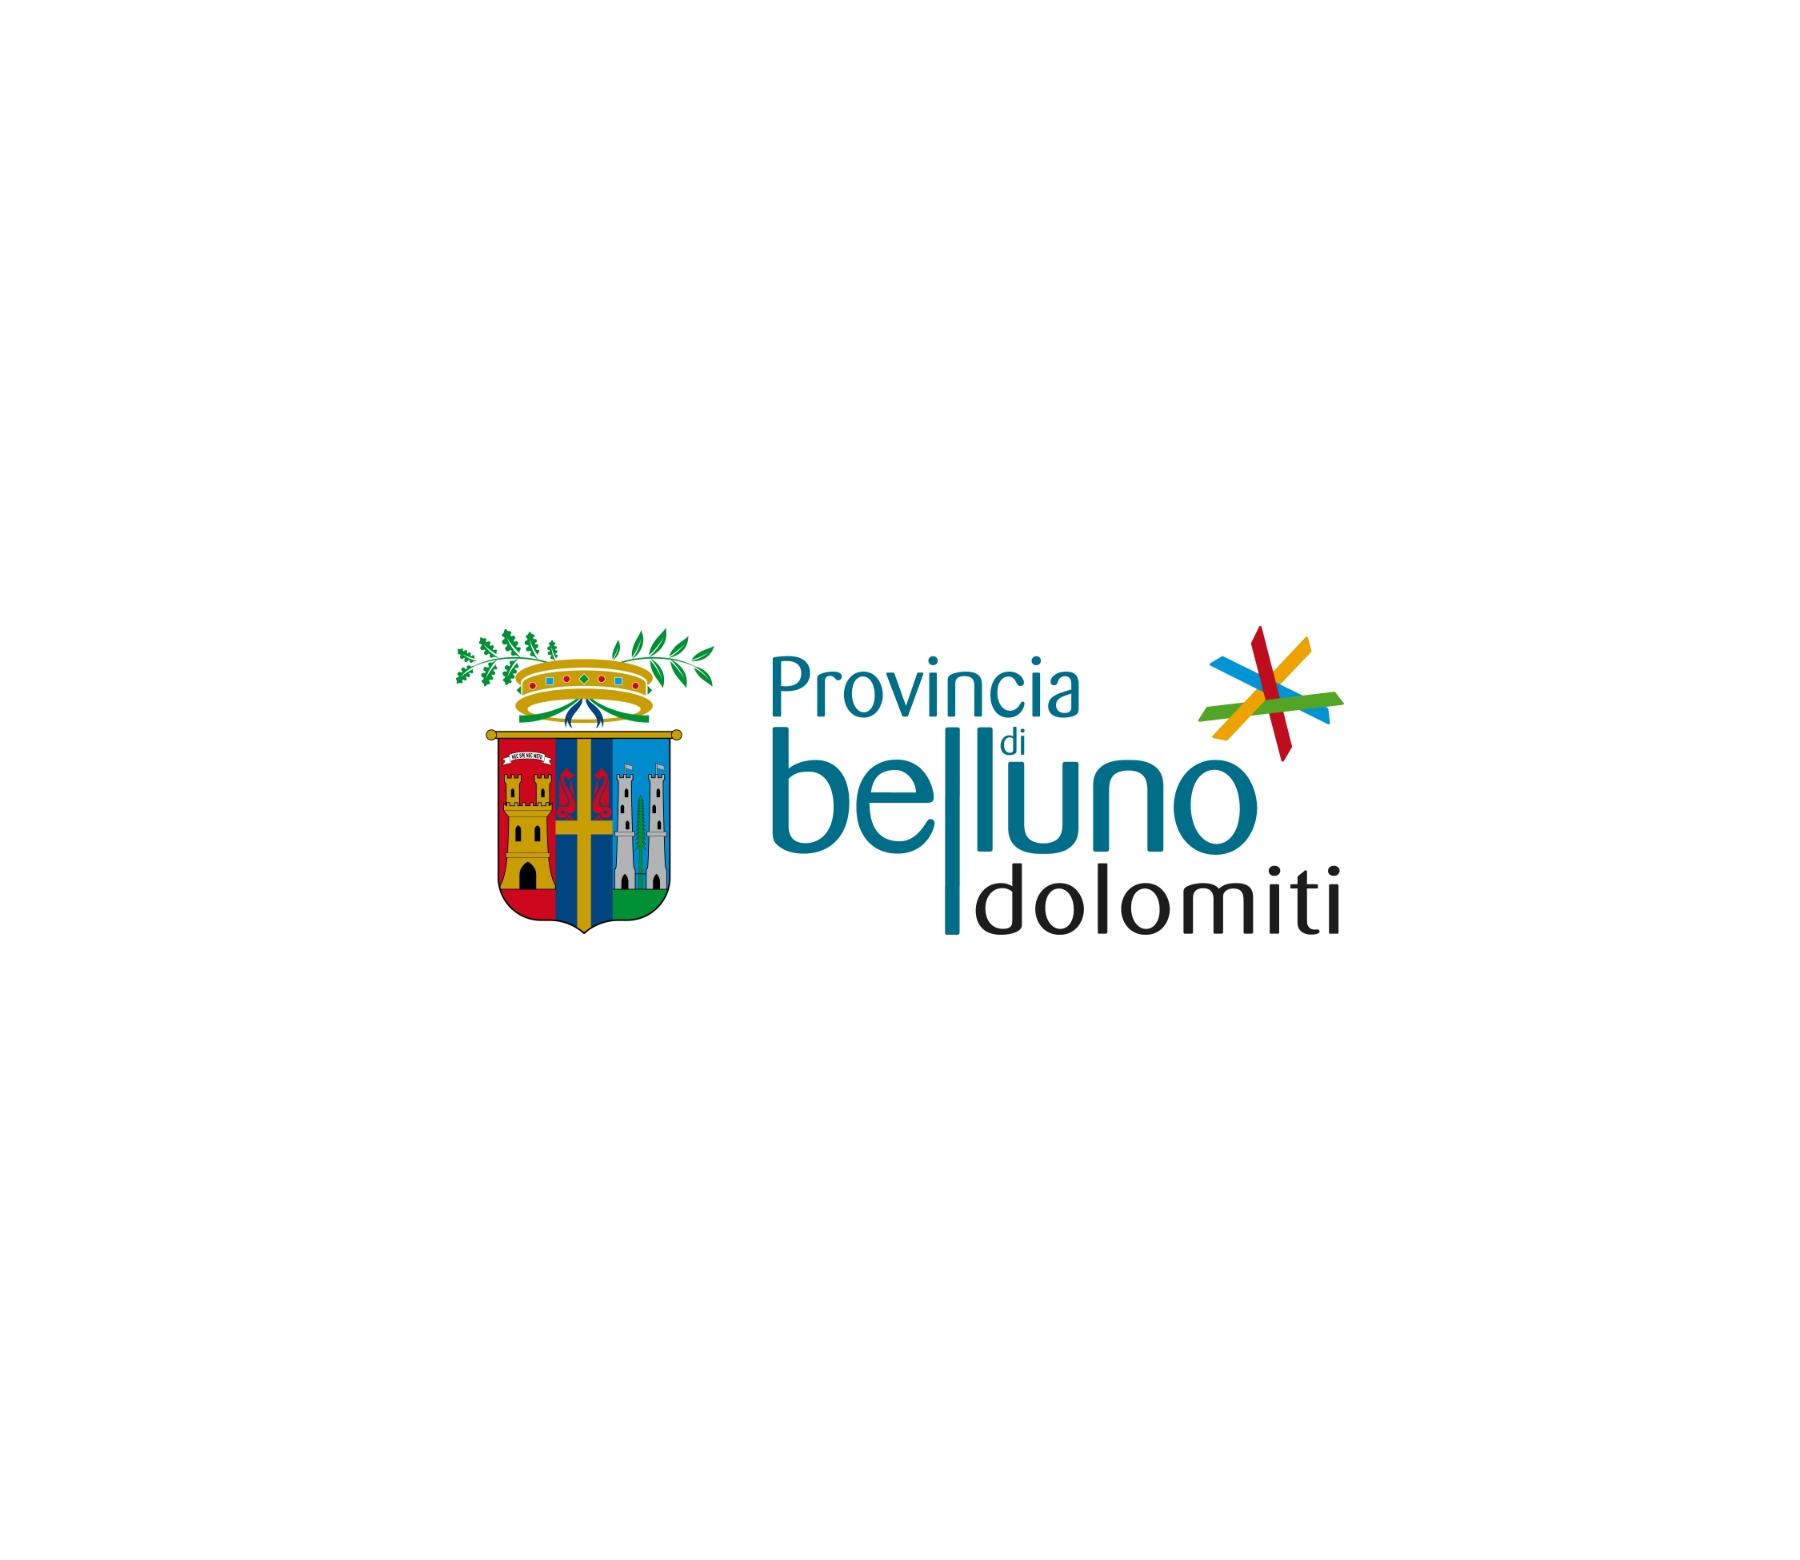 Provincia_Belluno_Dolomiti